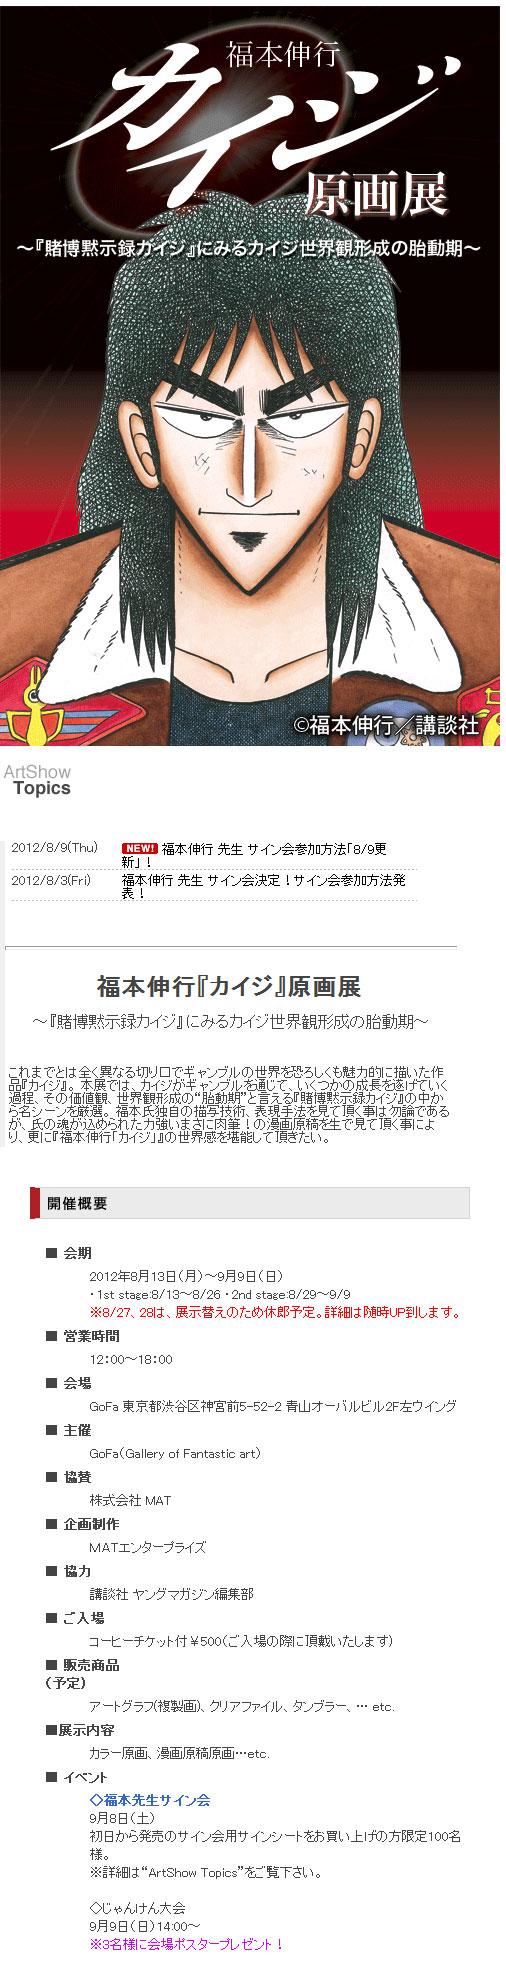 福本伸行『カイジ』原画展-Go